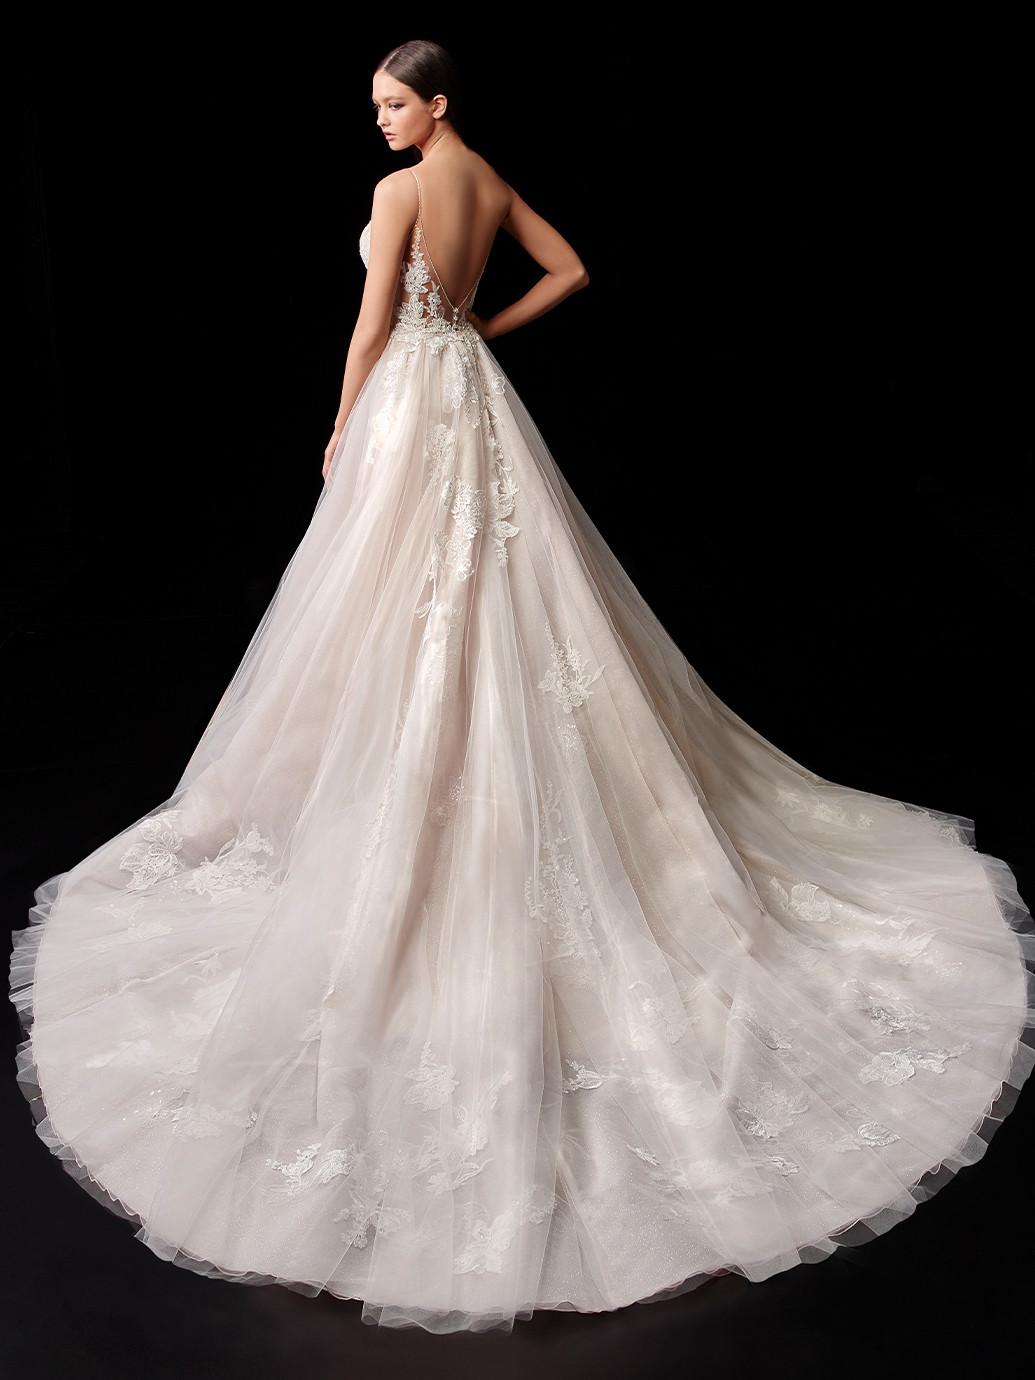 Wandelbares Brautkleid mit 3D-Spitze und abnehmbarem Überrock im Prinzessstil von Enzoani, Modell Paige